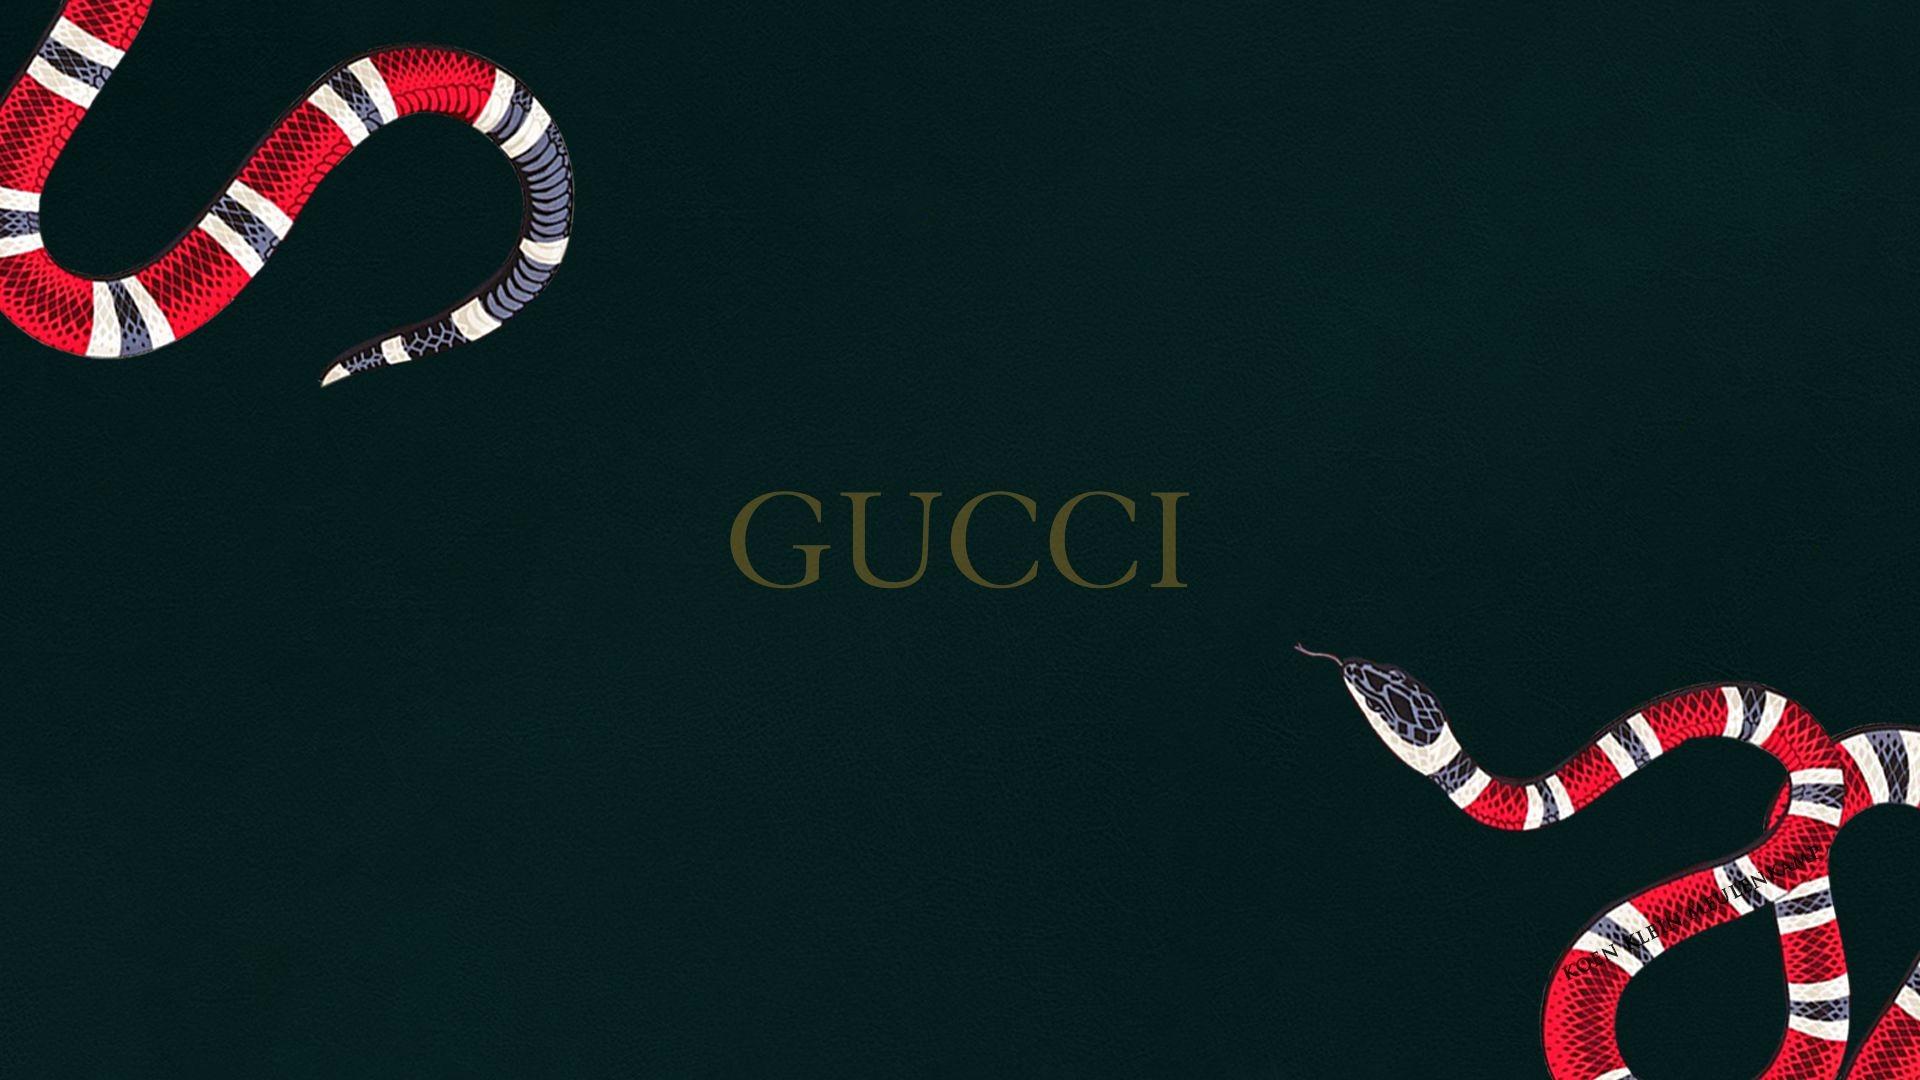 Gucci Wallpaper Fresh Gucci Logo Wallpapers Wallpaper Cave.